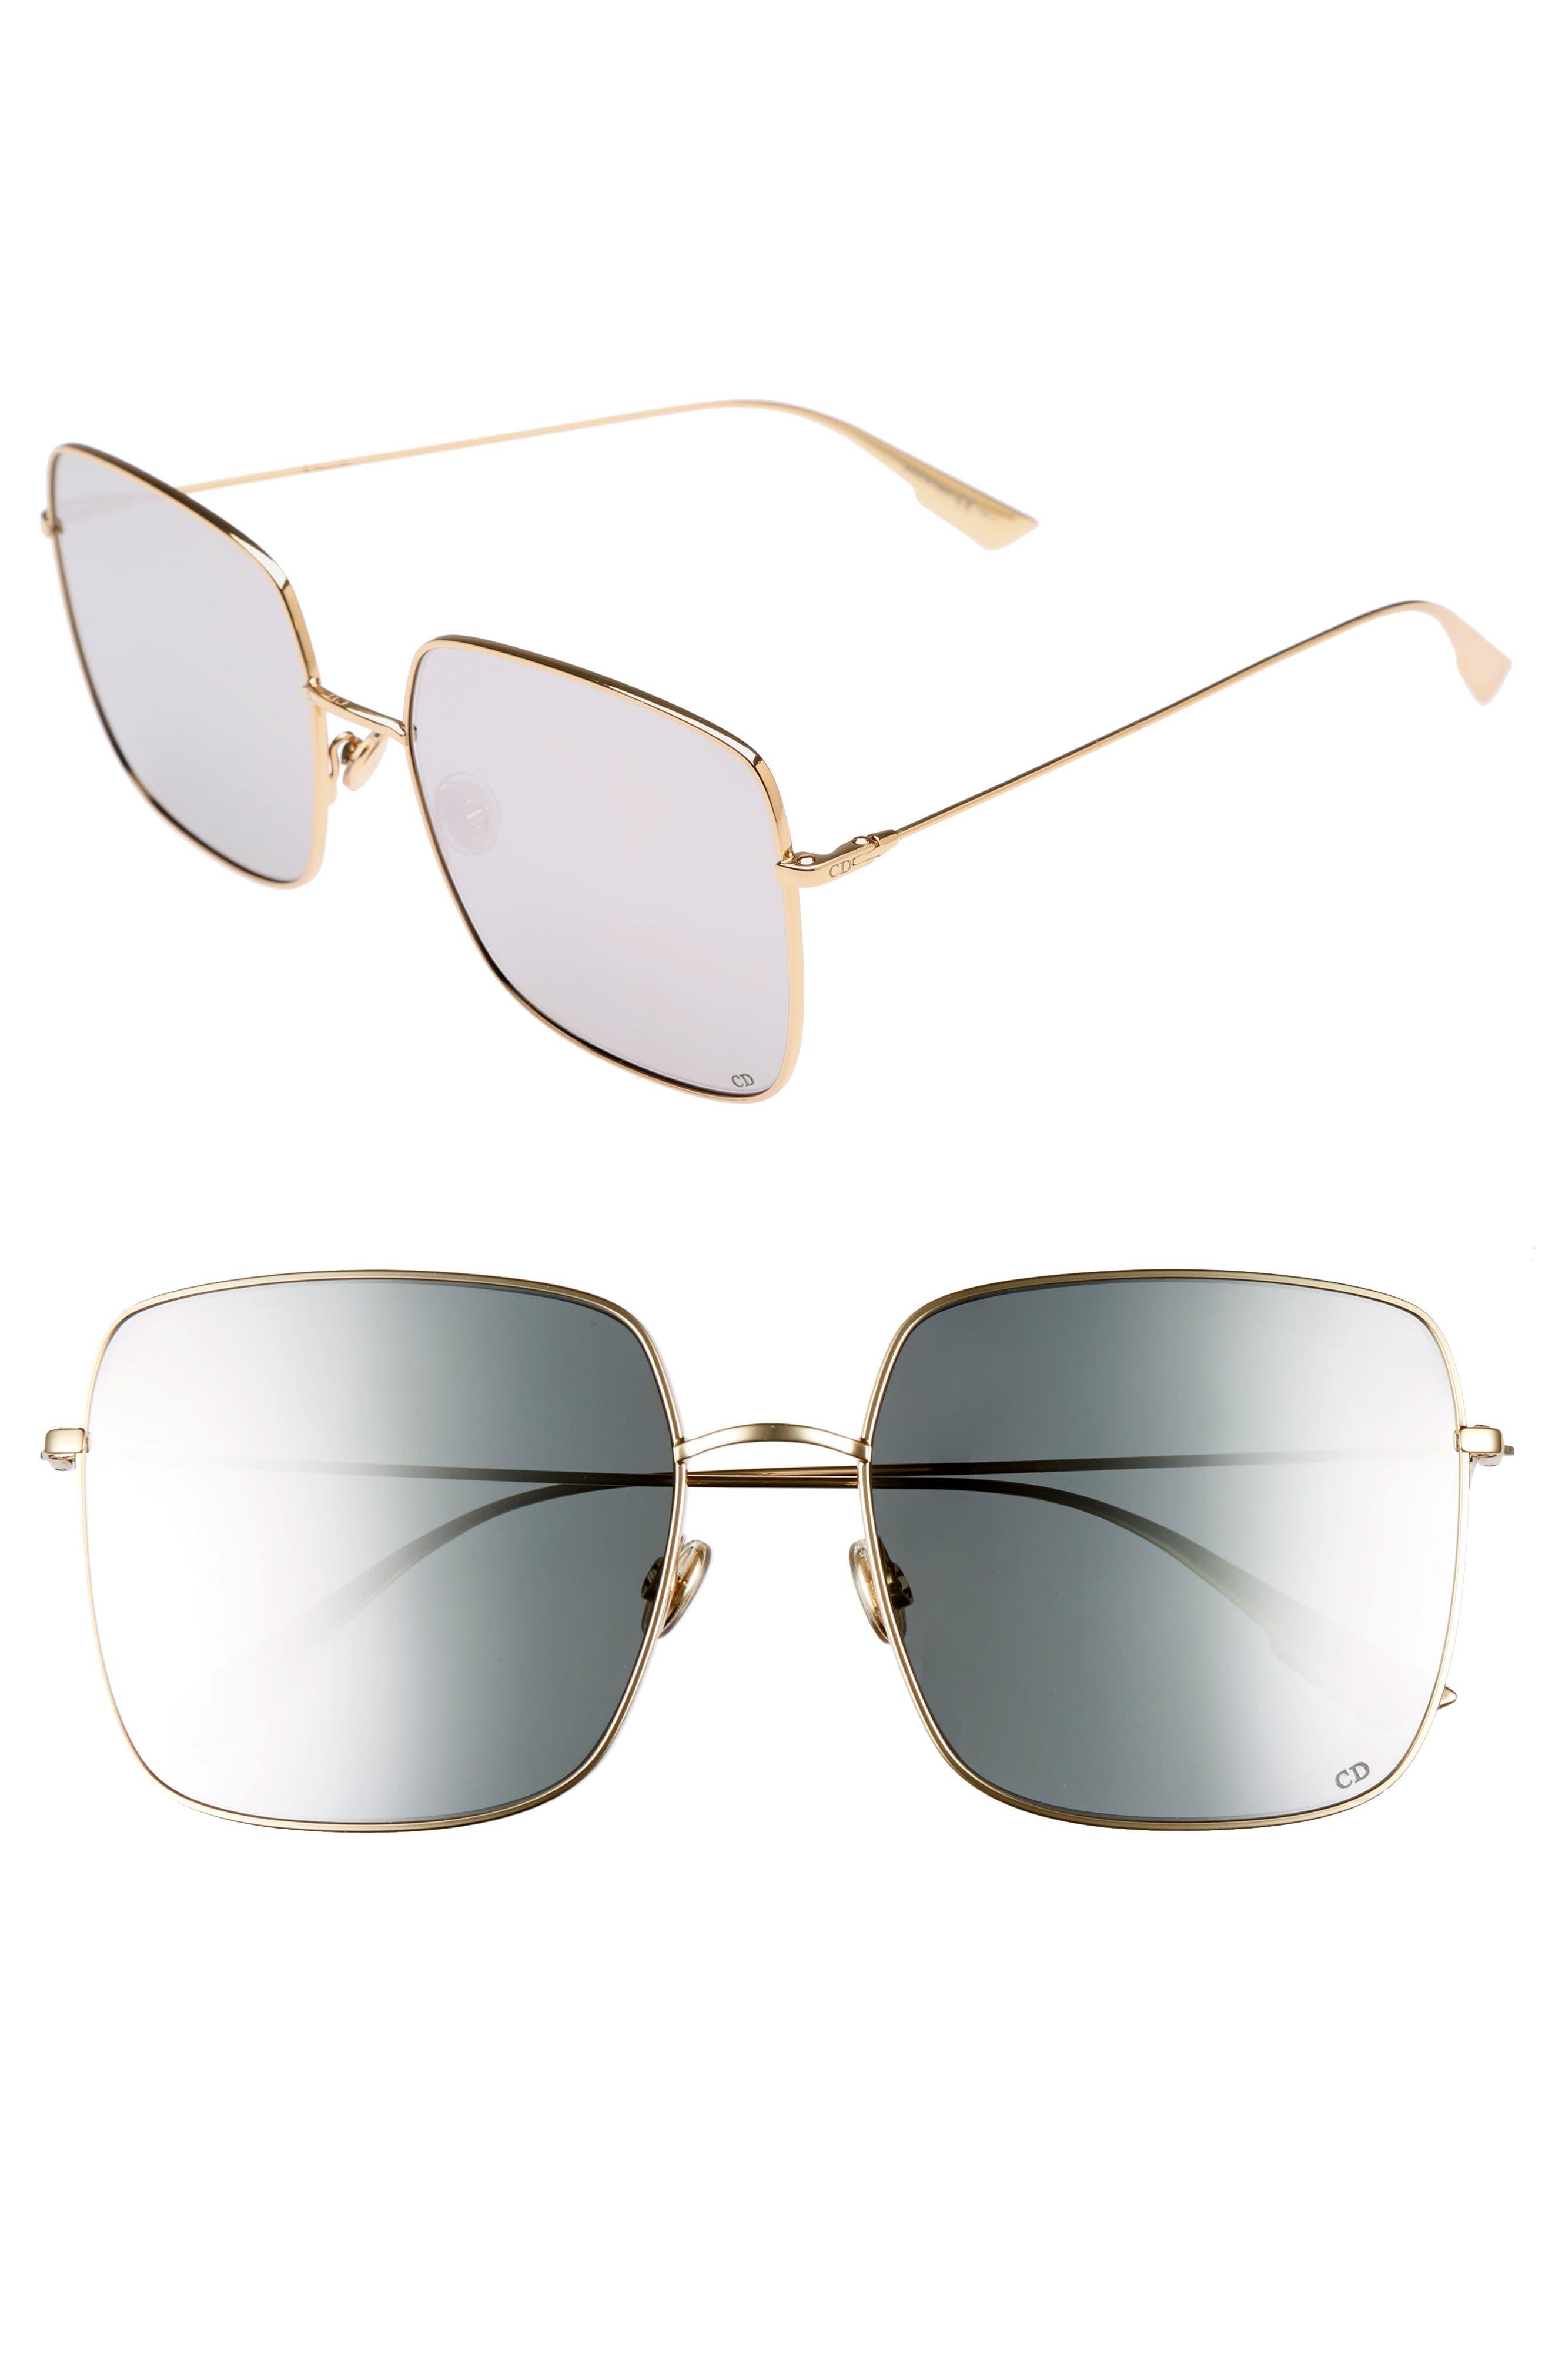 Main Image - Dior Stellaire 1 59mm Square Sunglasses